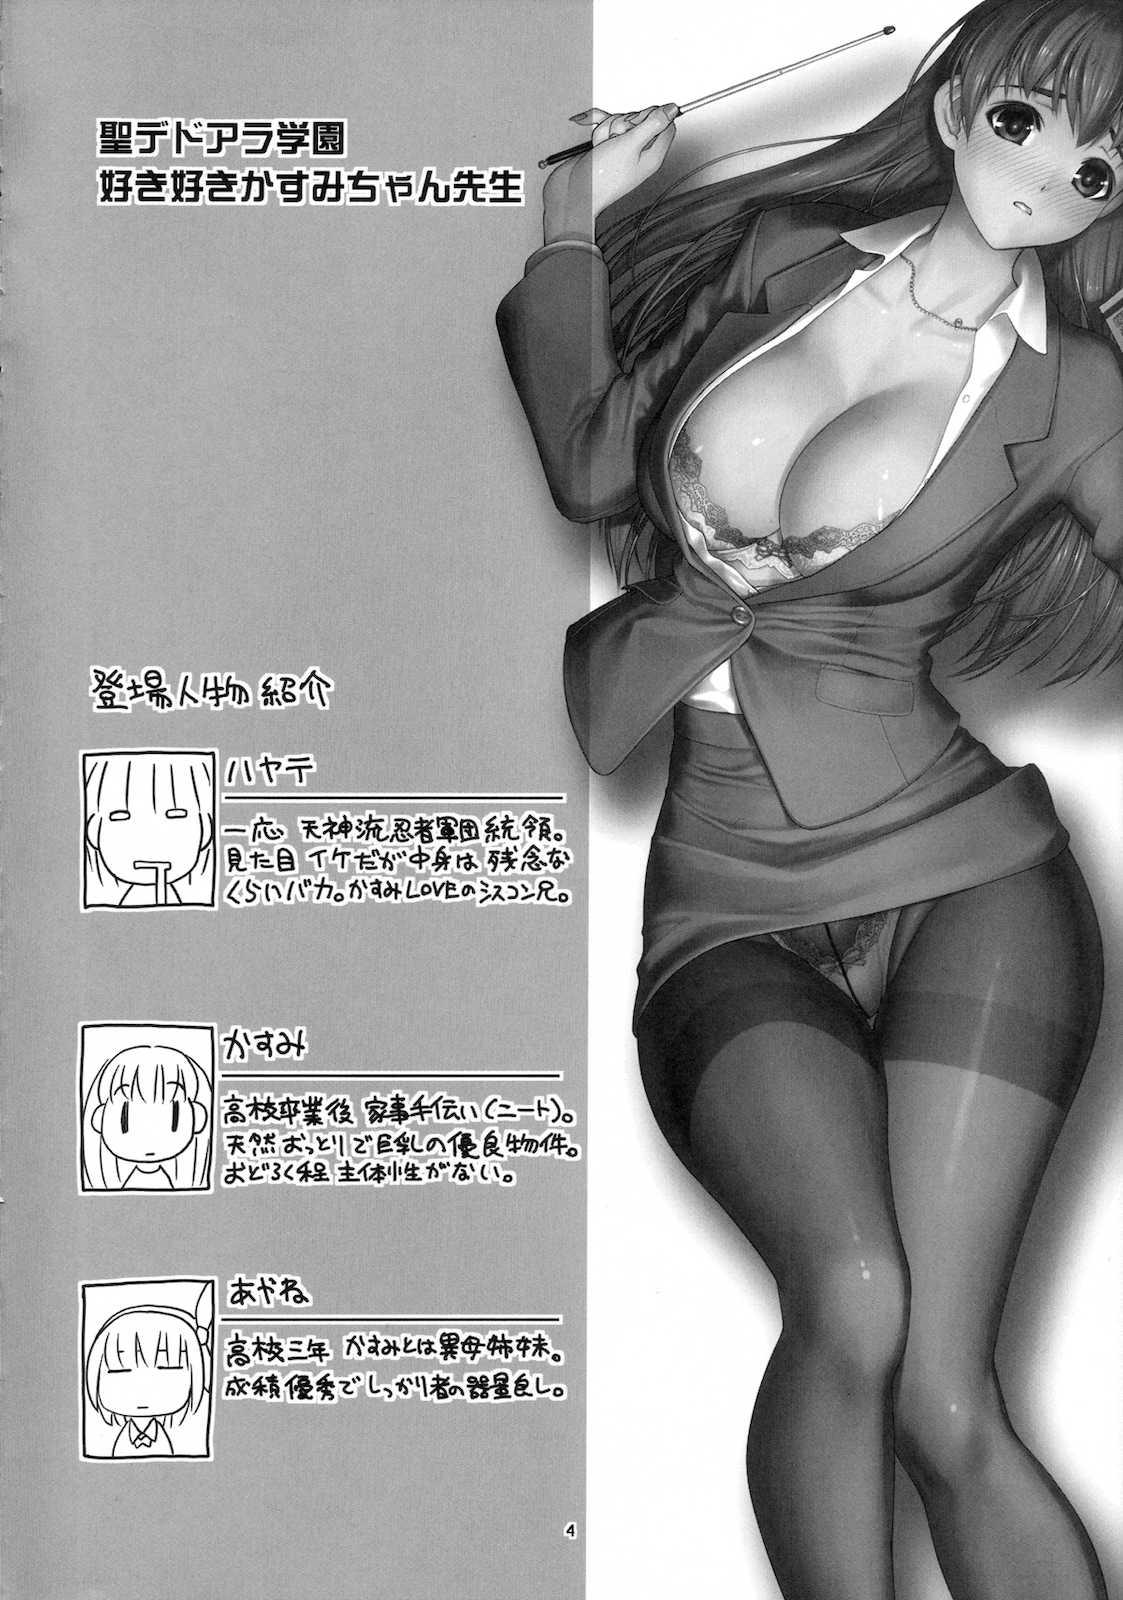 エロエロなかすみちゃん先生を学校で犯してザーメンまみれにしたい【エロ同人誌・デッドオアアライブ/C82】